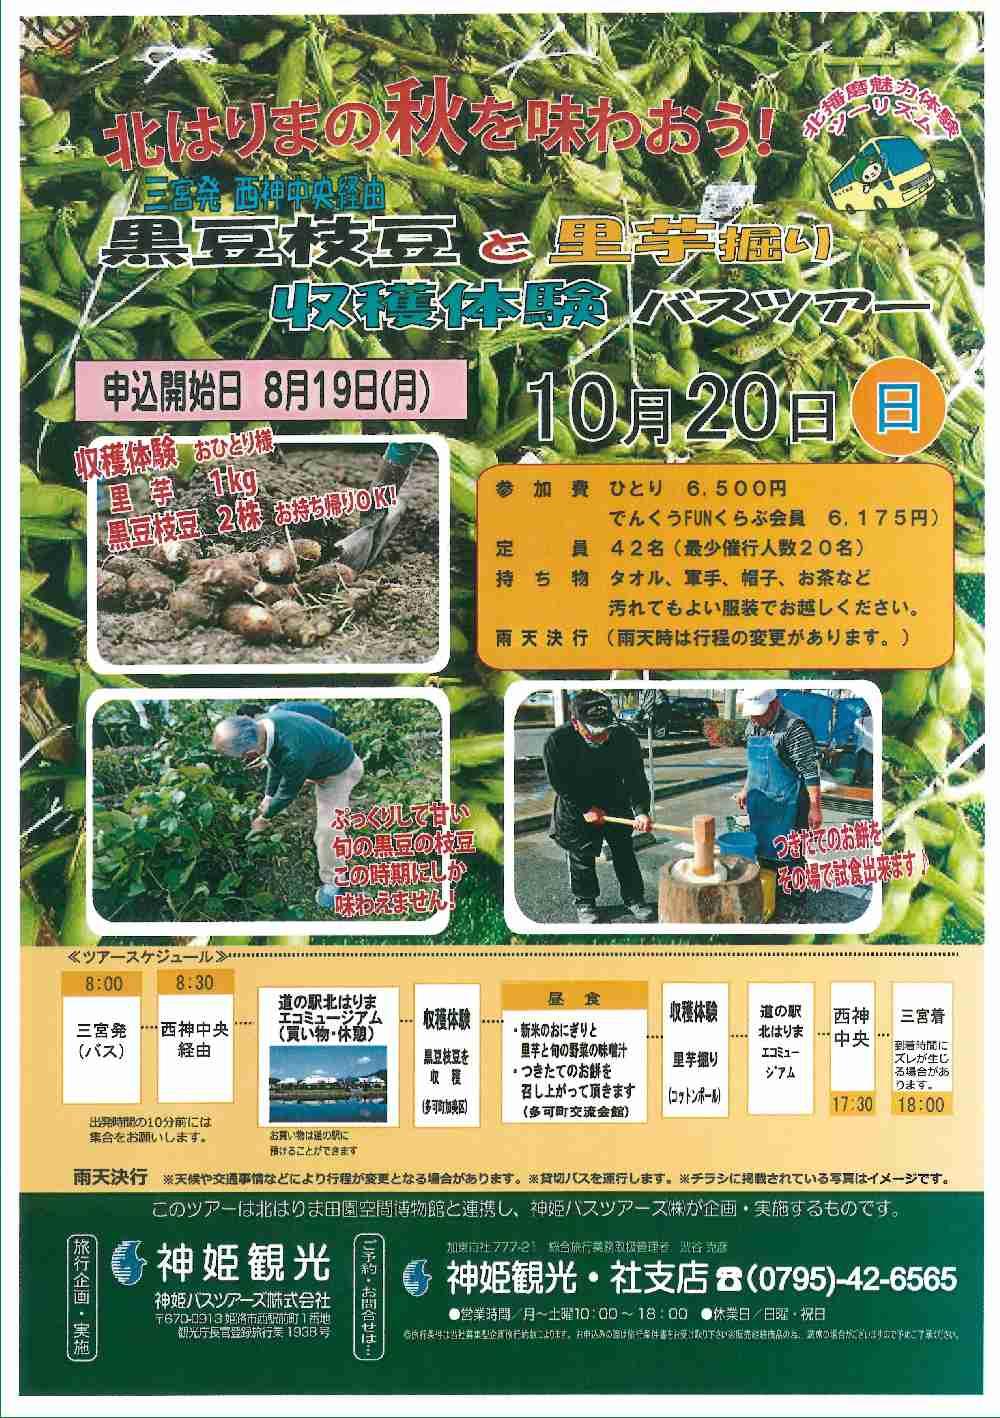 10/20 三宮発バスツアー「黒豆枝豆と里いも掘り収穫体験」